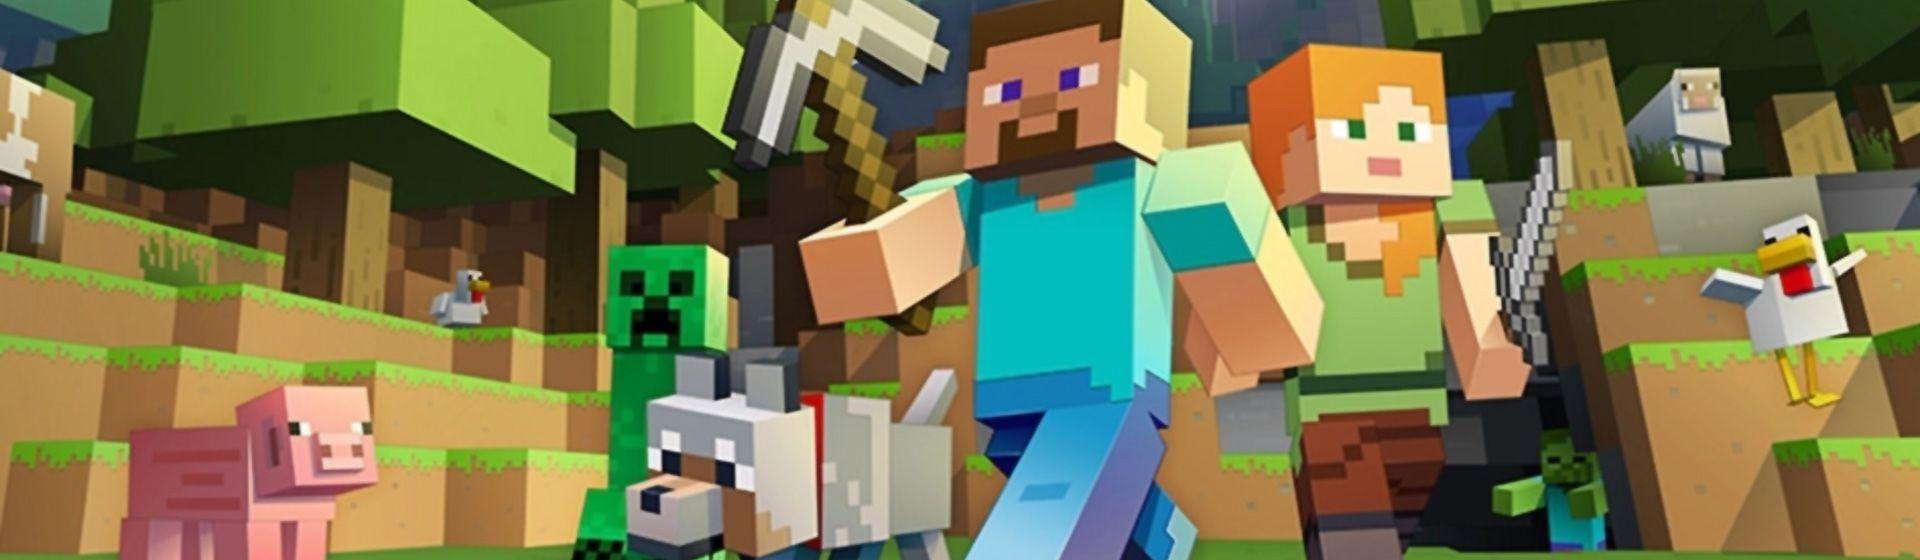 Minecraft: requisitos mínimos e recomendados no PC